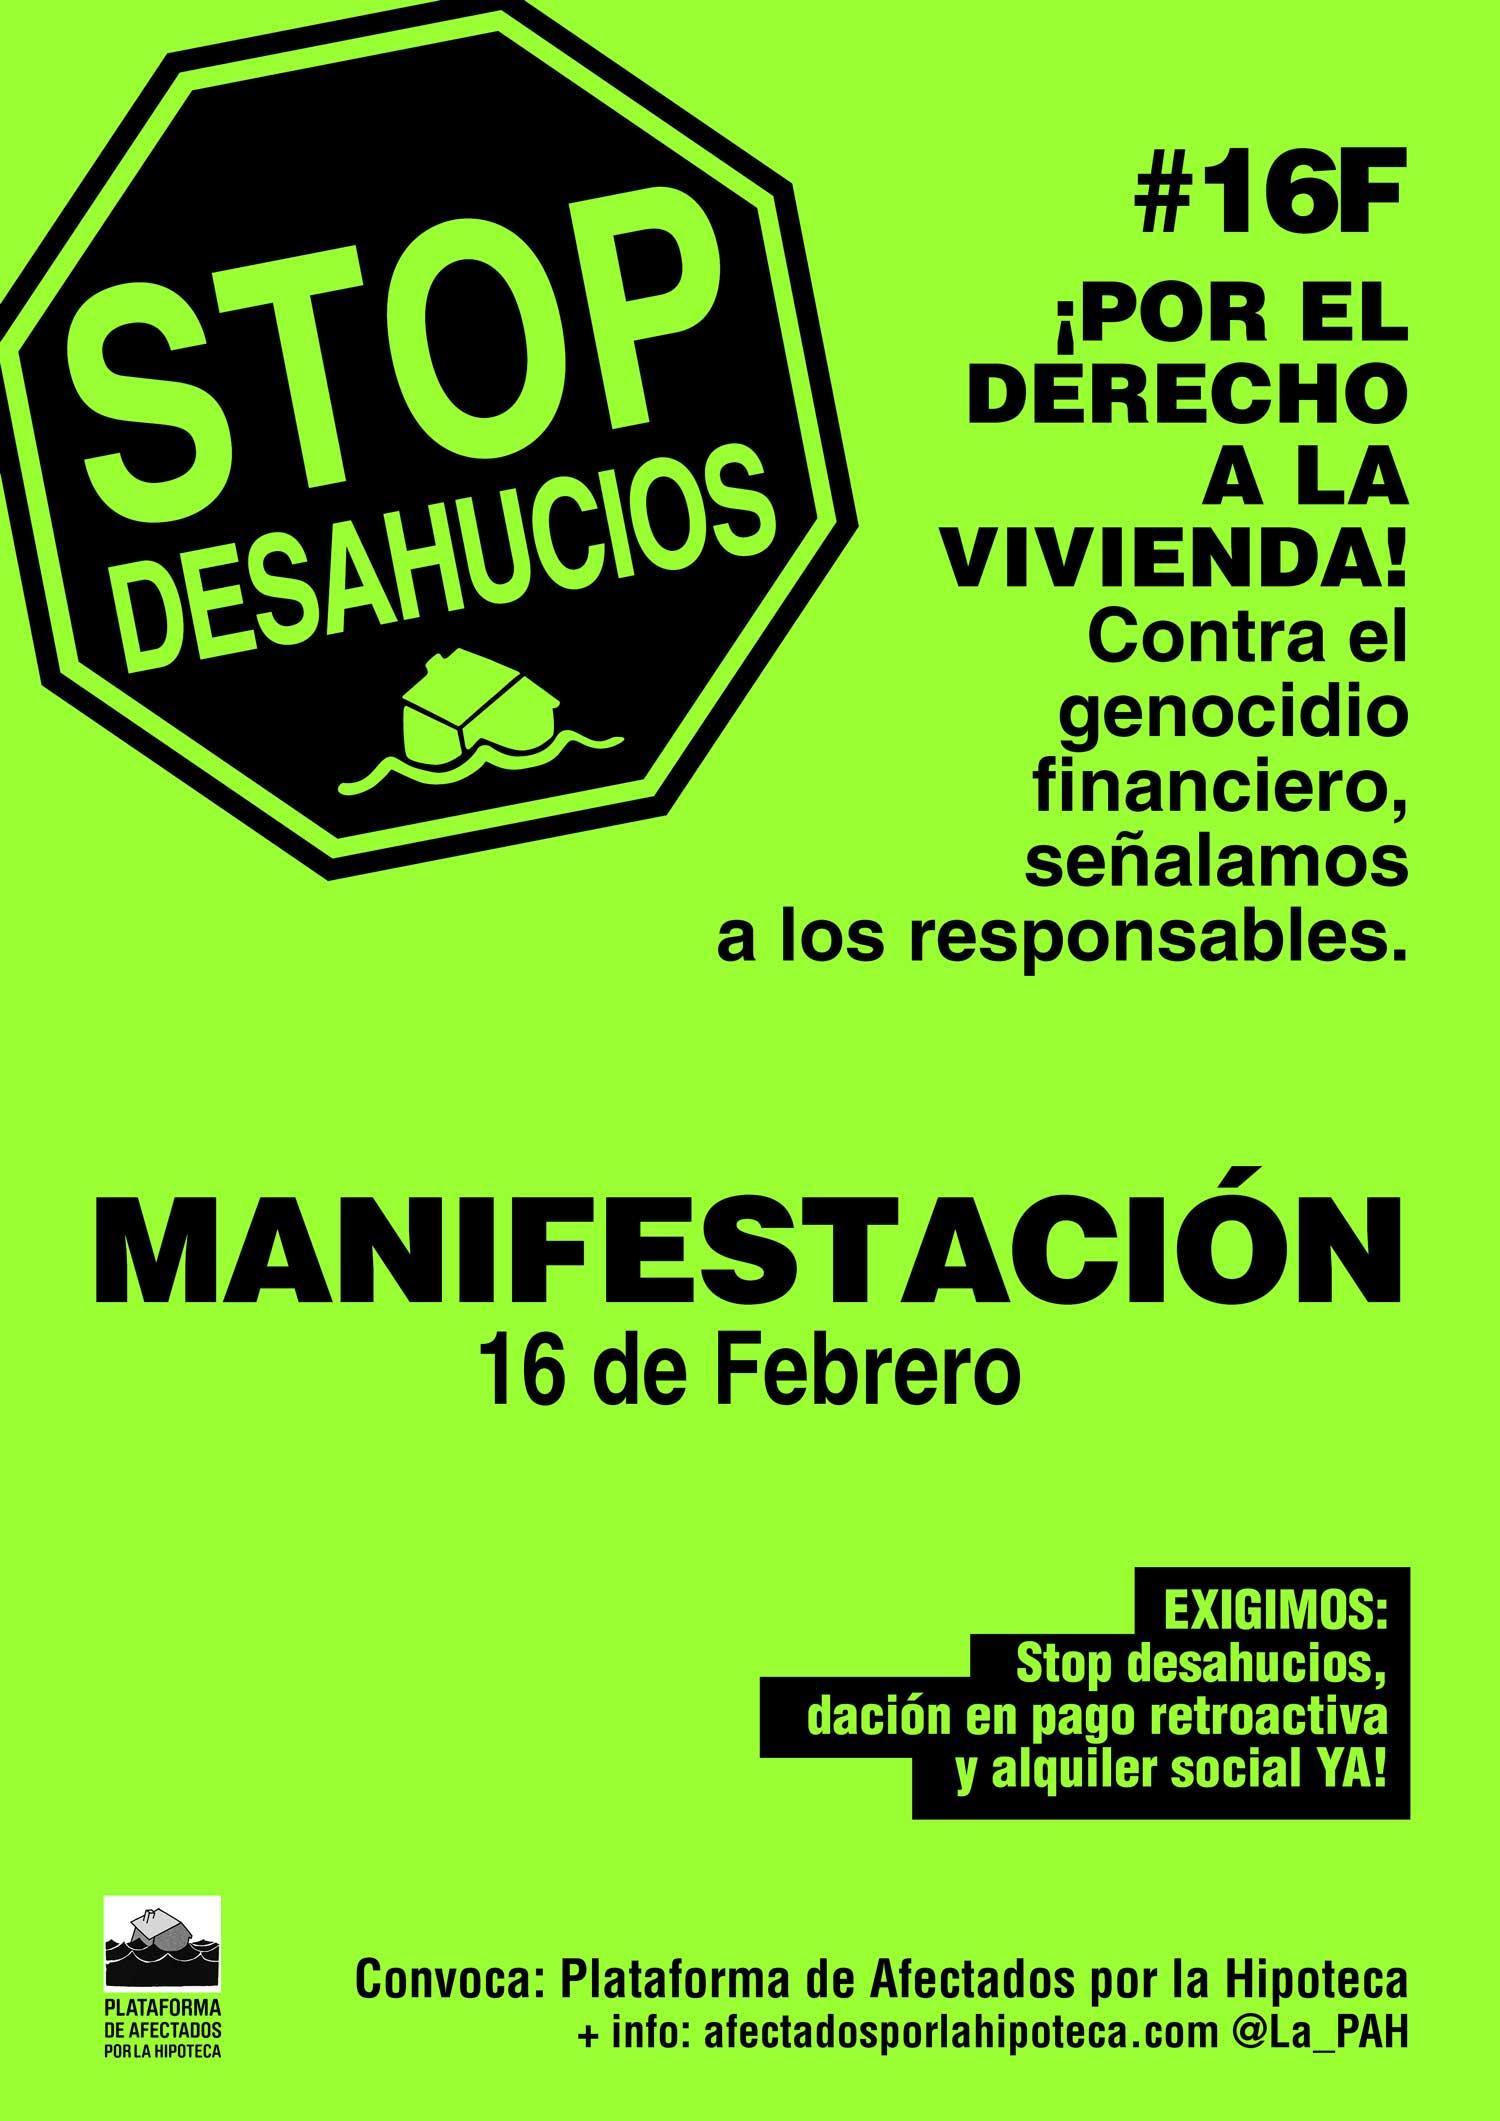 #16F manifestaciones: Por el derecho a la vivienda.  Contra el genocidio financiero